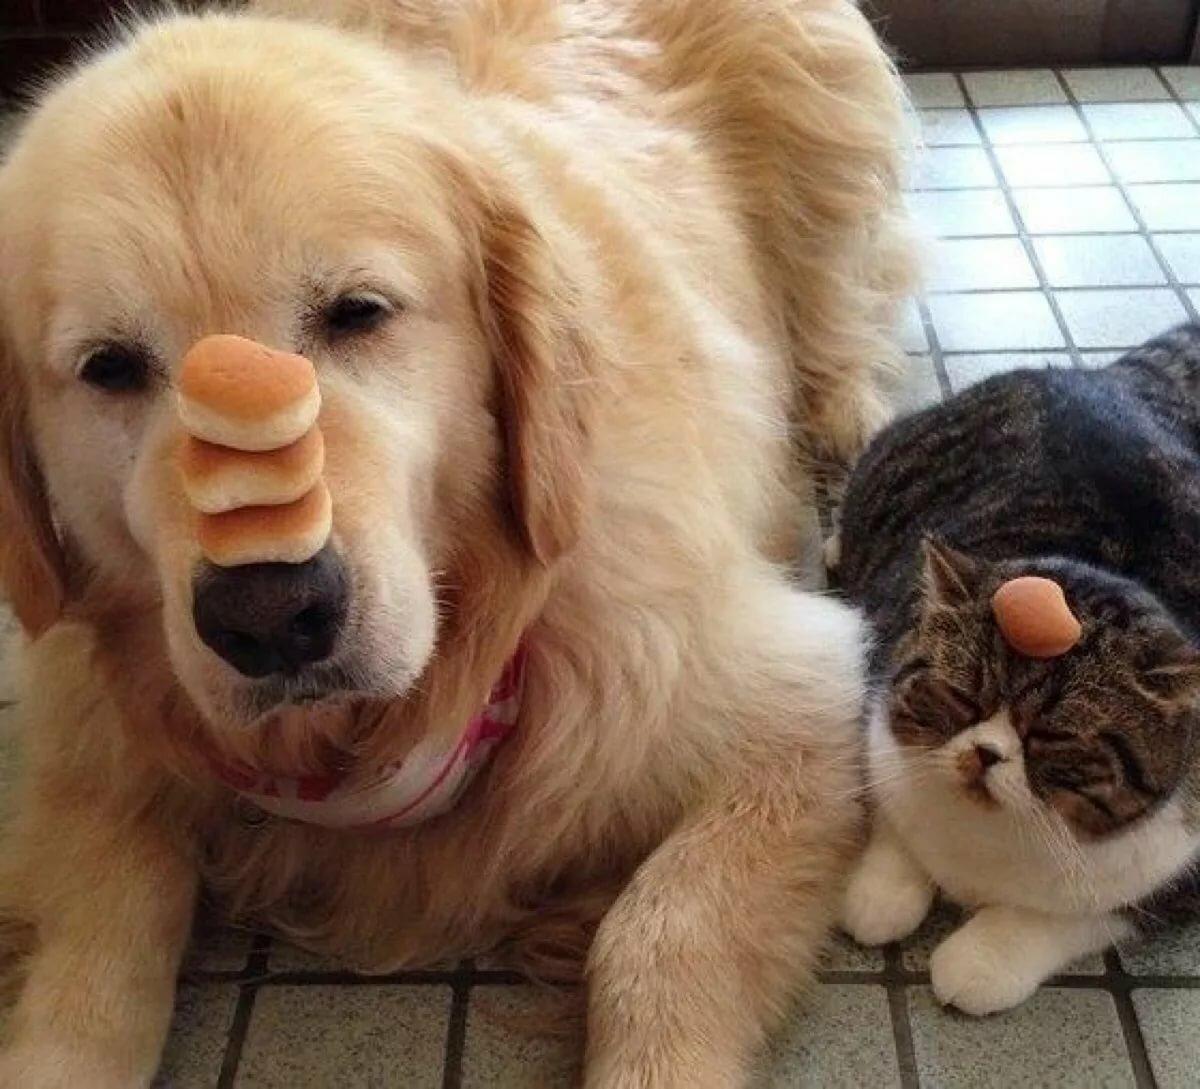 человеку, картинки приколы про домашних животных далее любое